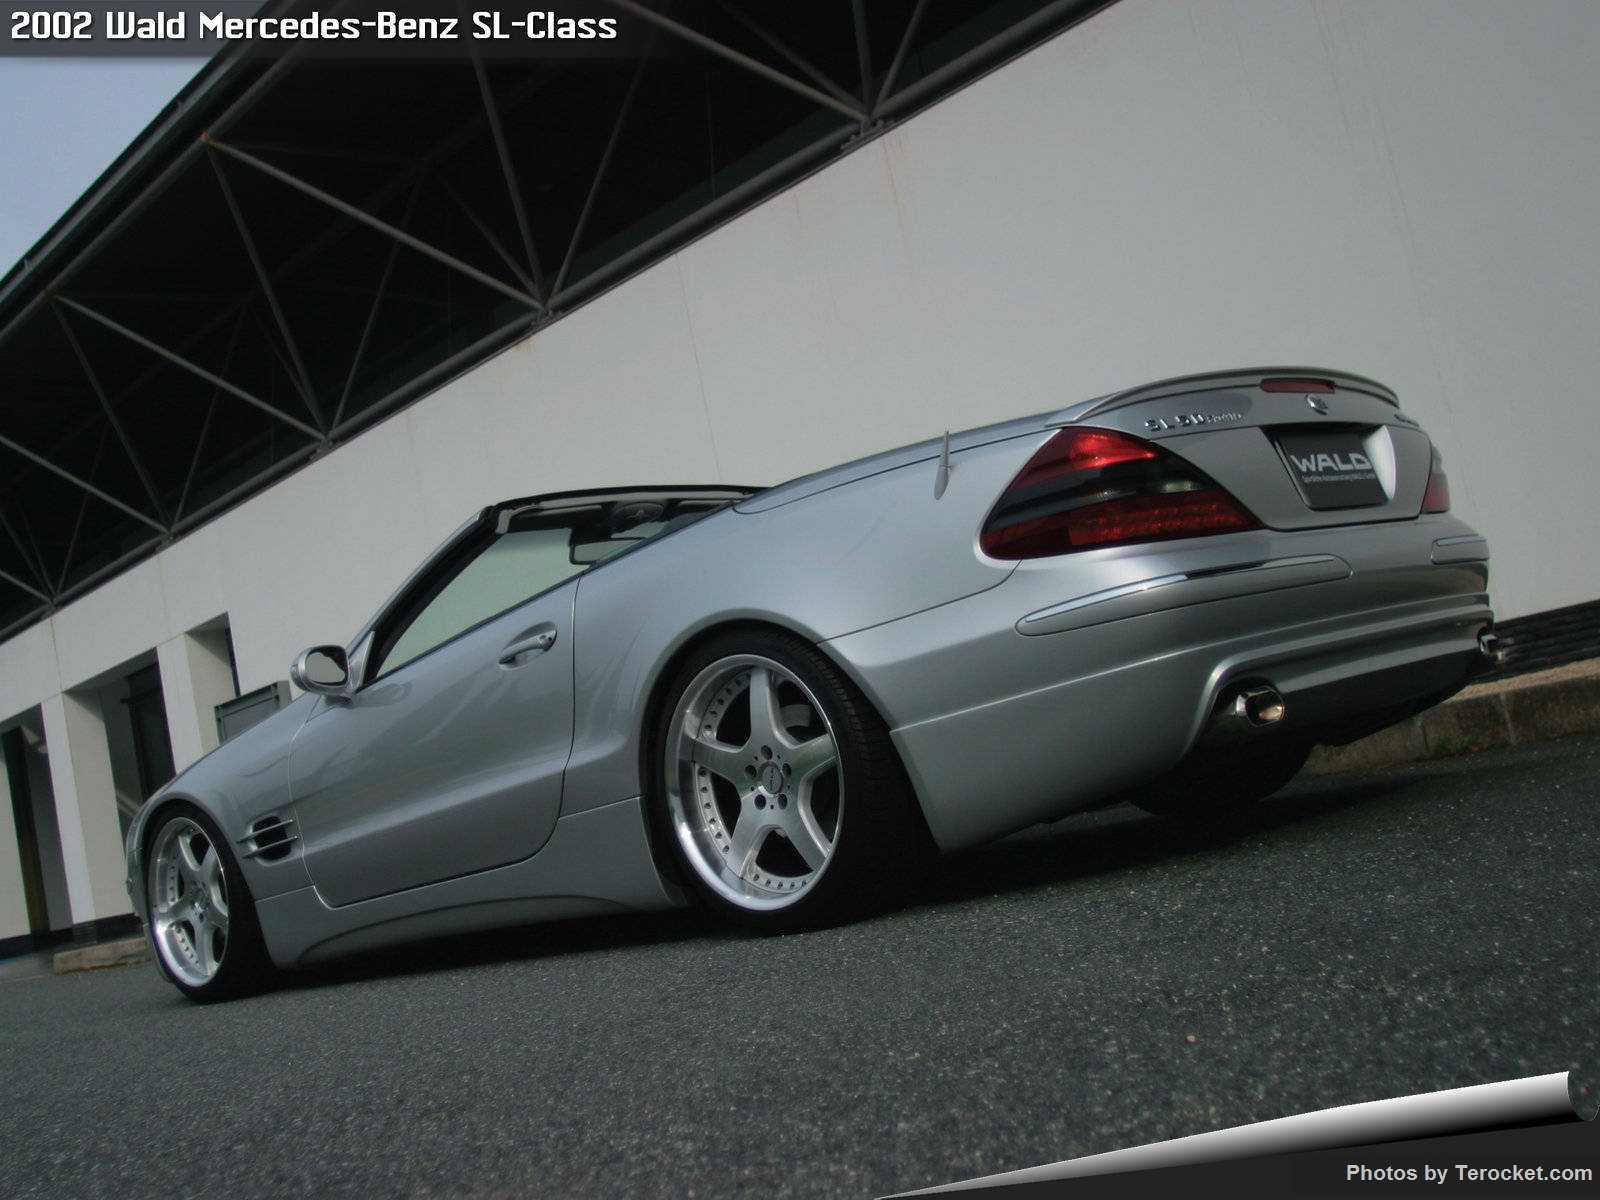 Hình ảnh xe độ Wald Mercedes-Benz SL-Class 2002 & nội ngoại thất